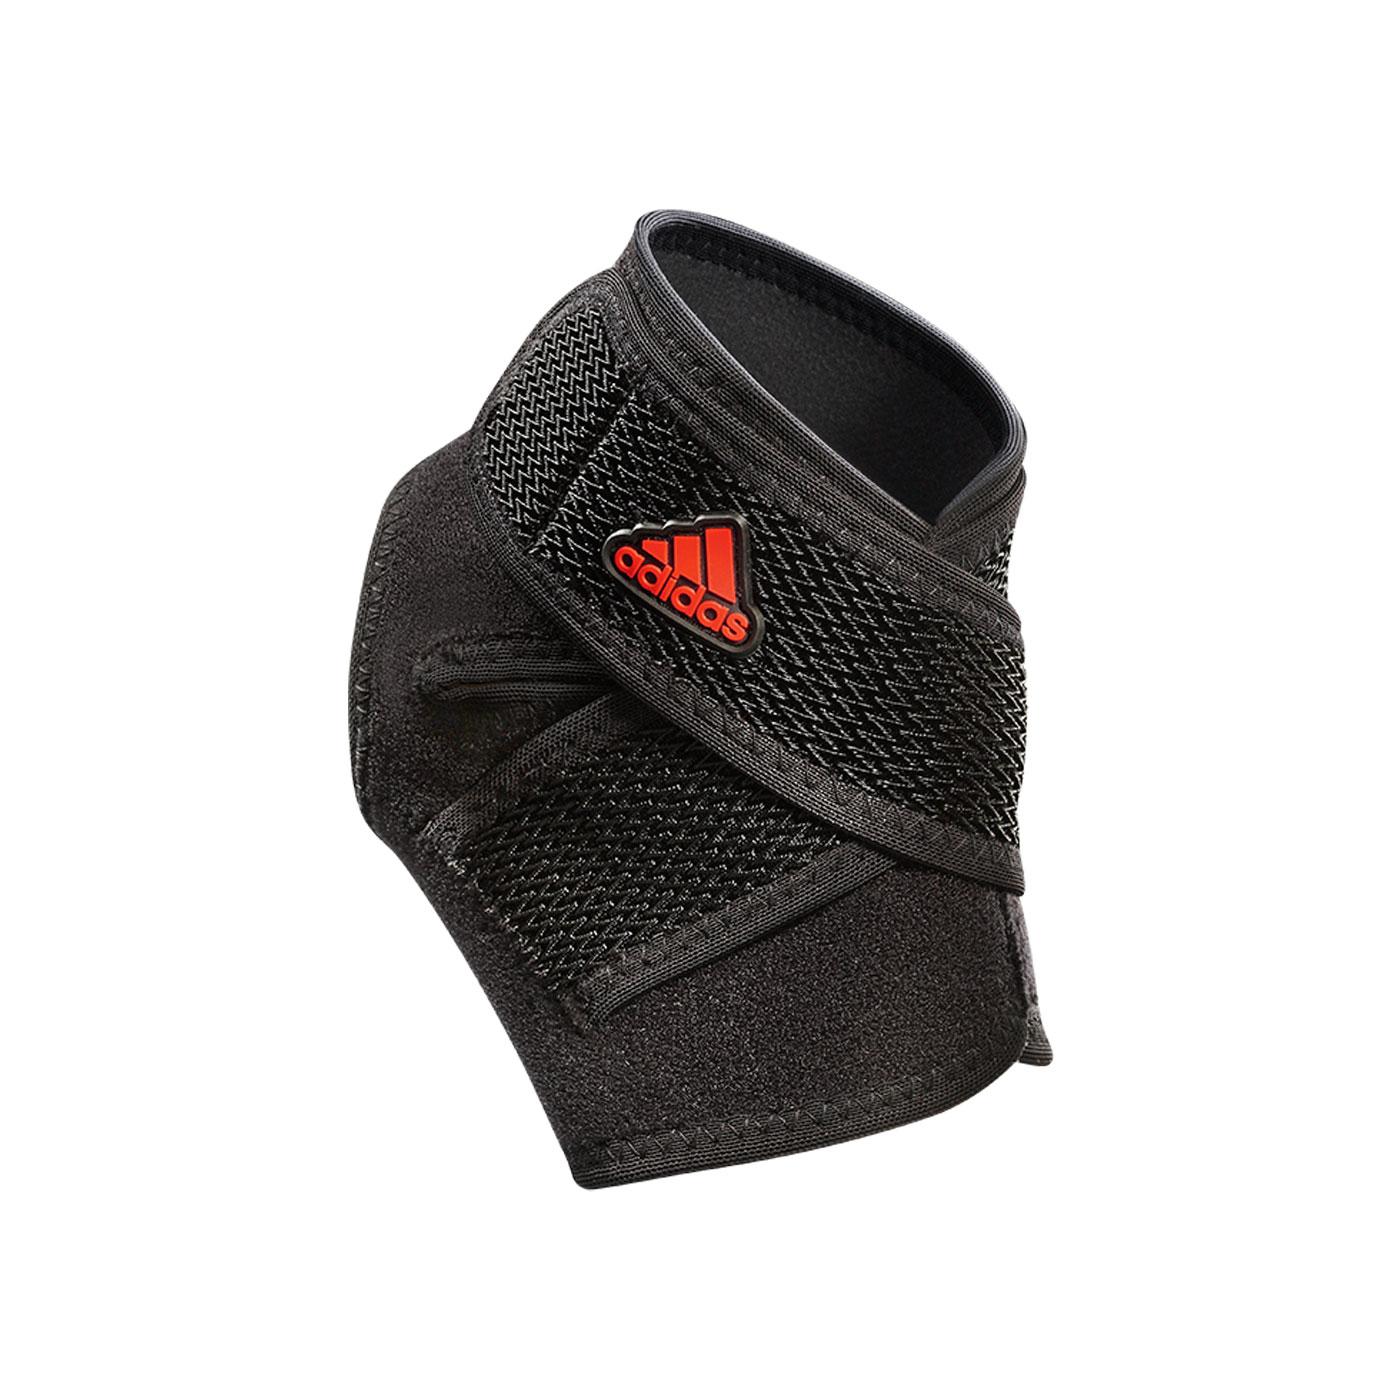 ADIDAS護具 特定-運動護踝 MB0218 - 黑橘